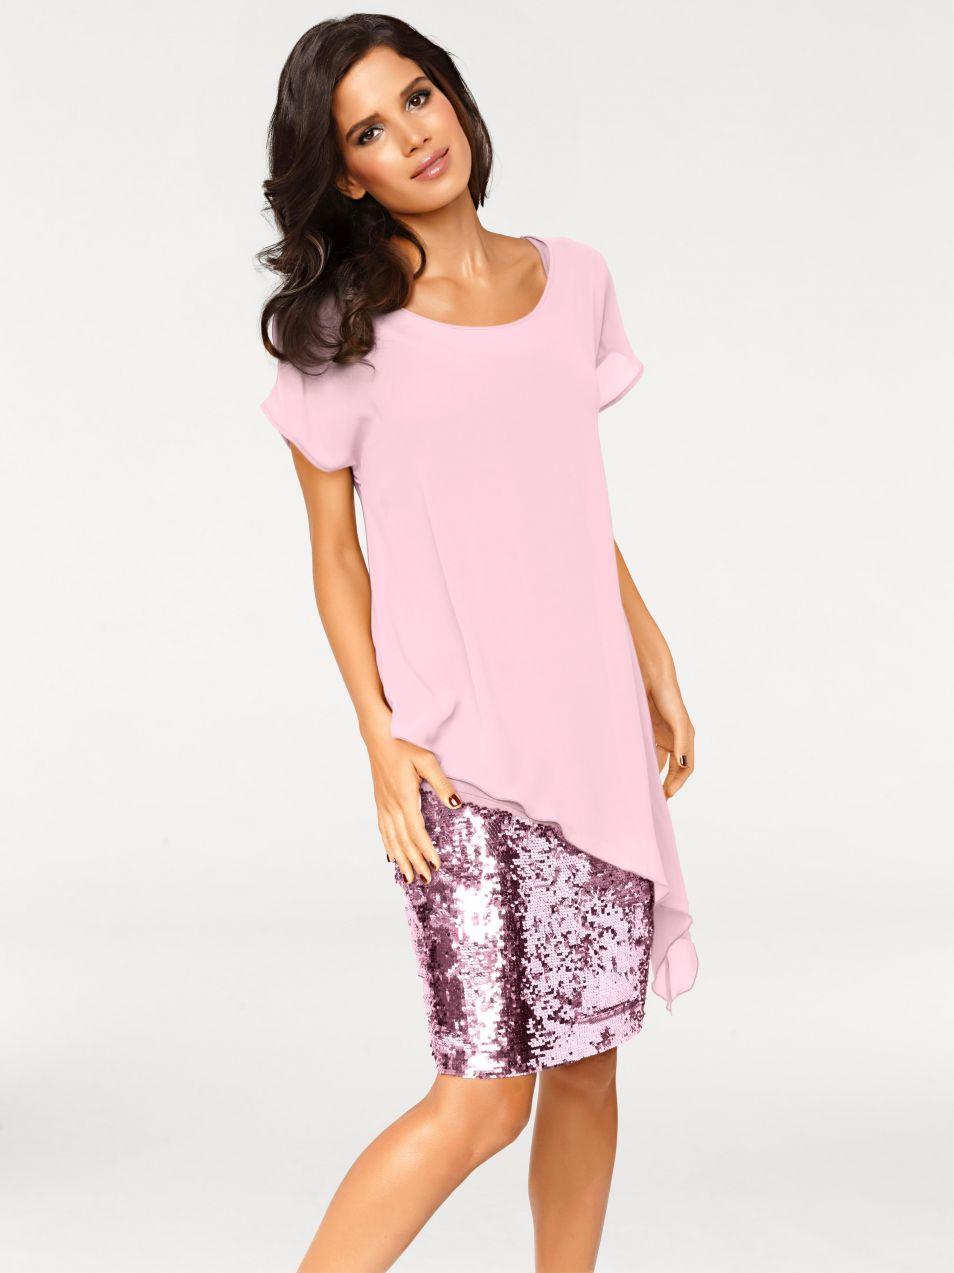 heine TIMELESS Koktejlové šaty s flitrami heine značky HEINE - Lovely.sk f6dfc136337